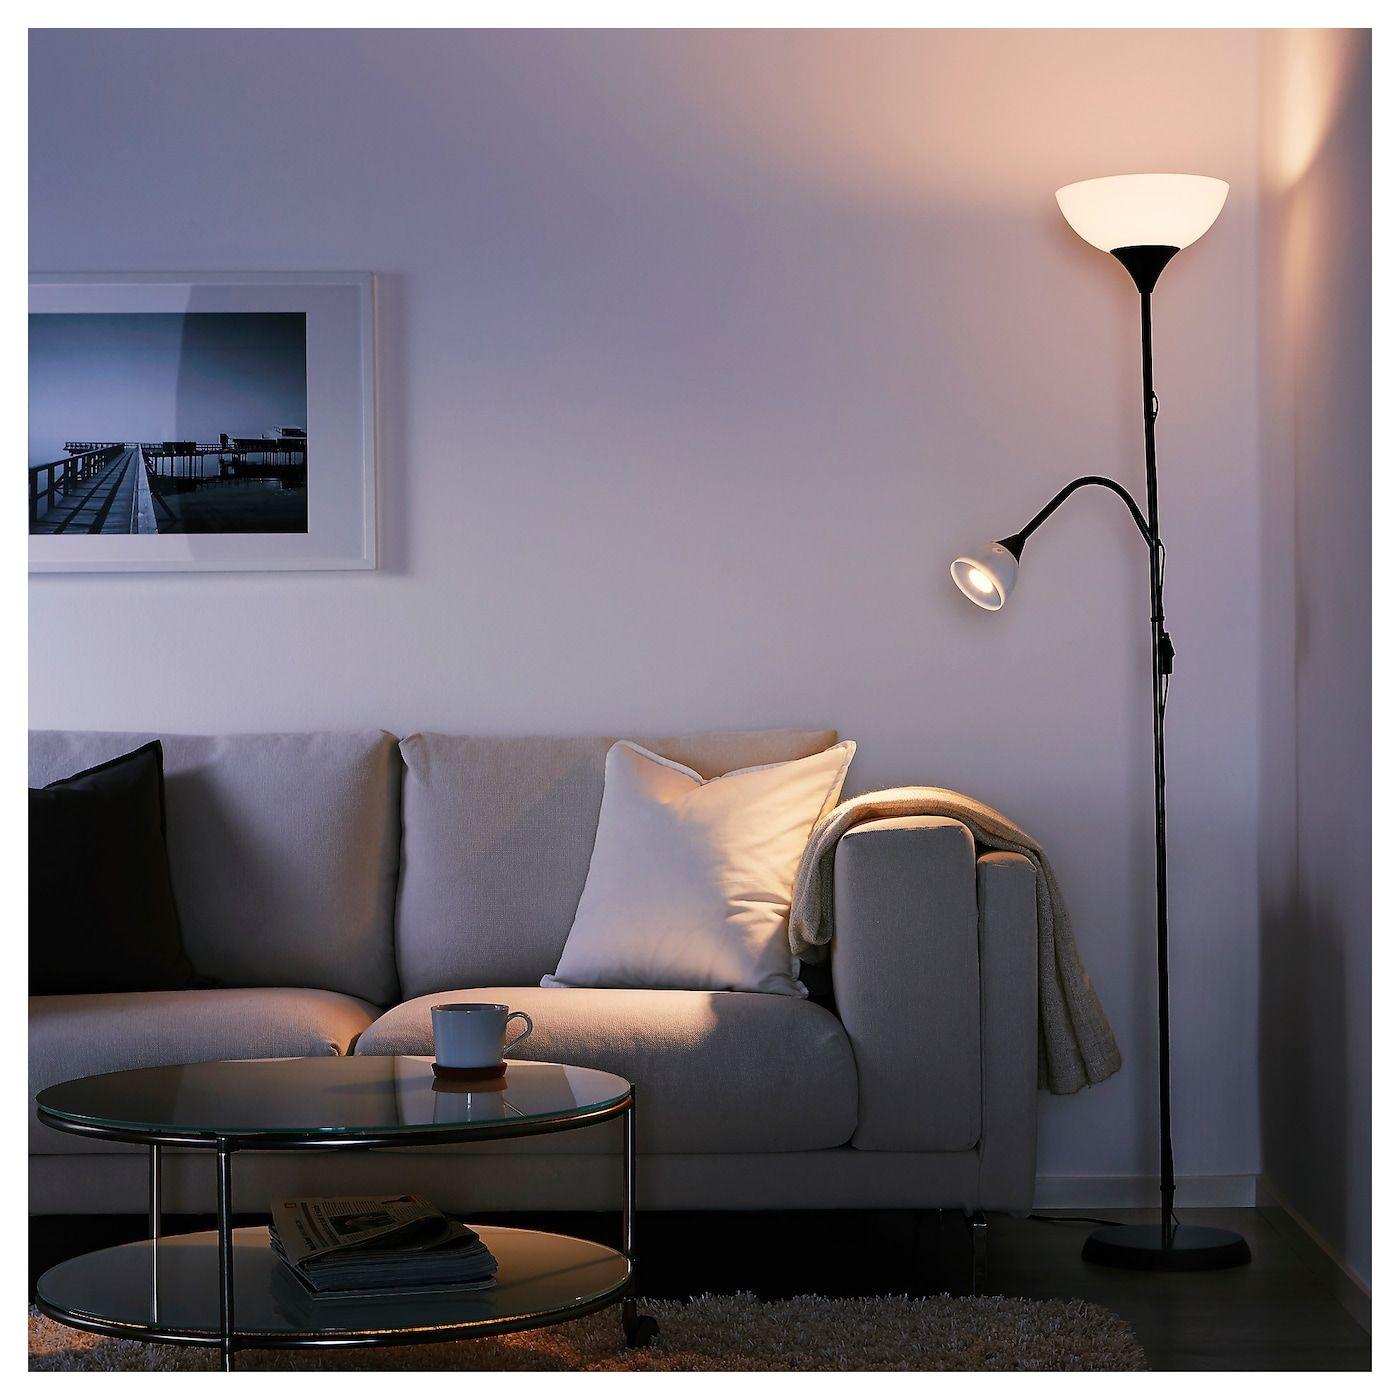 Full Size of Ikea Stehlampen Not Deckenfluter Leseleuchte Schwarz Deutschland Coole Miniküche Modulküche Betten 160x200 Küche Kaufen Kosten Wohnzimmer Bei Sofa Mit Wohnzimmer Ikea Stehlampen